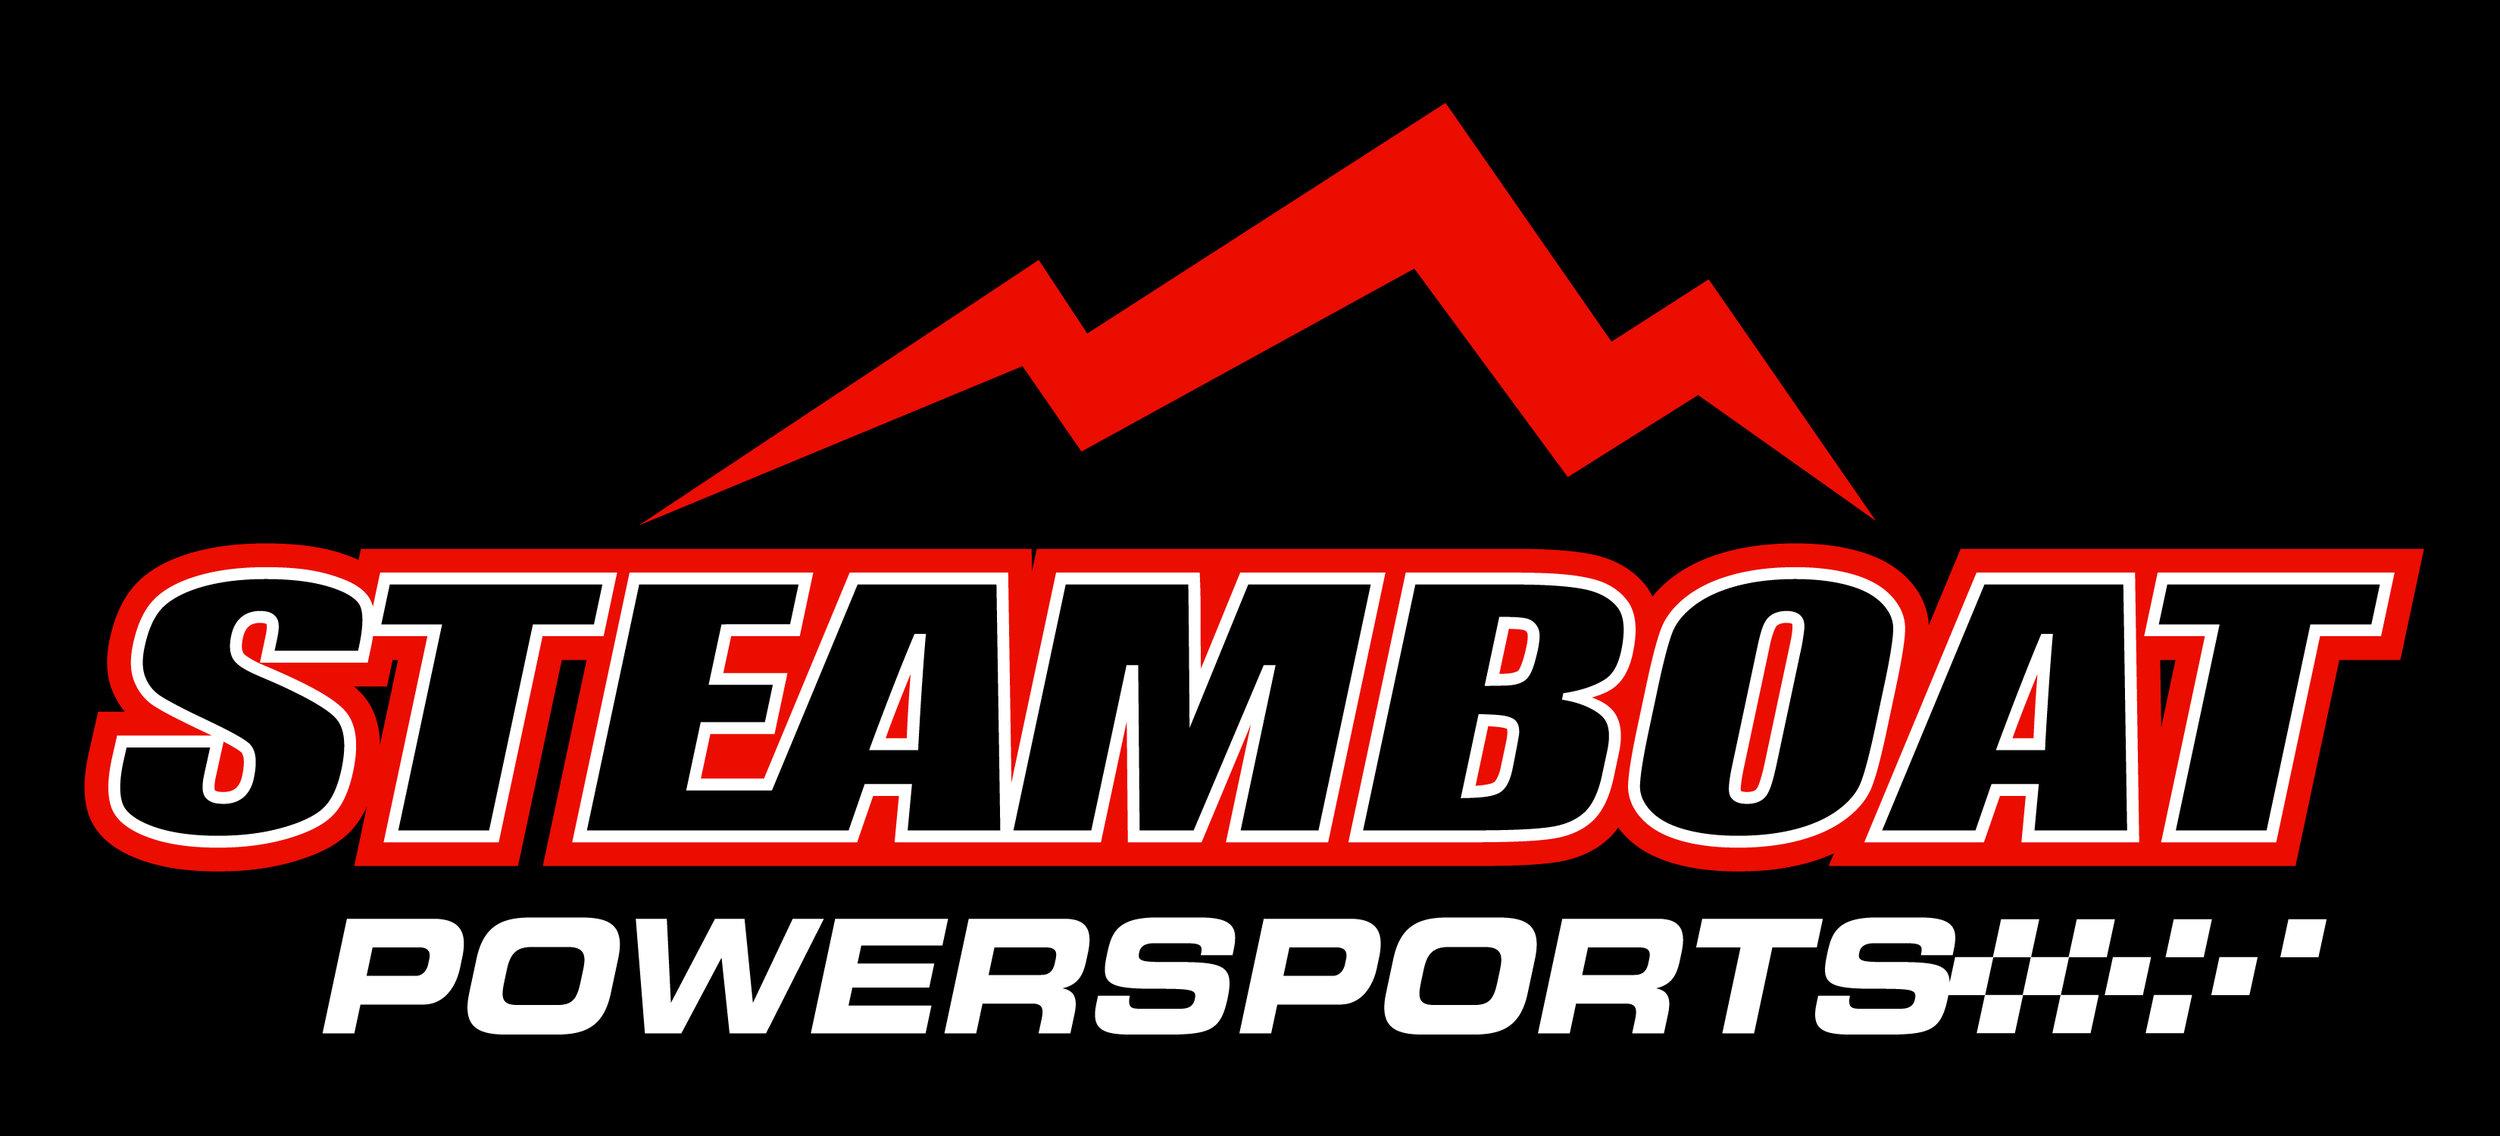 STEAMBOAT_PwrSprts_logo_BLK.jpg